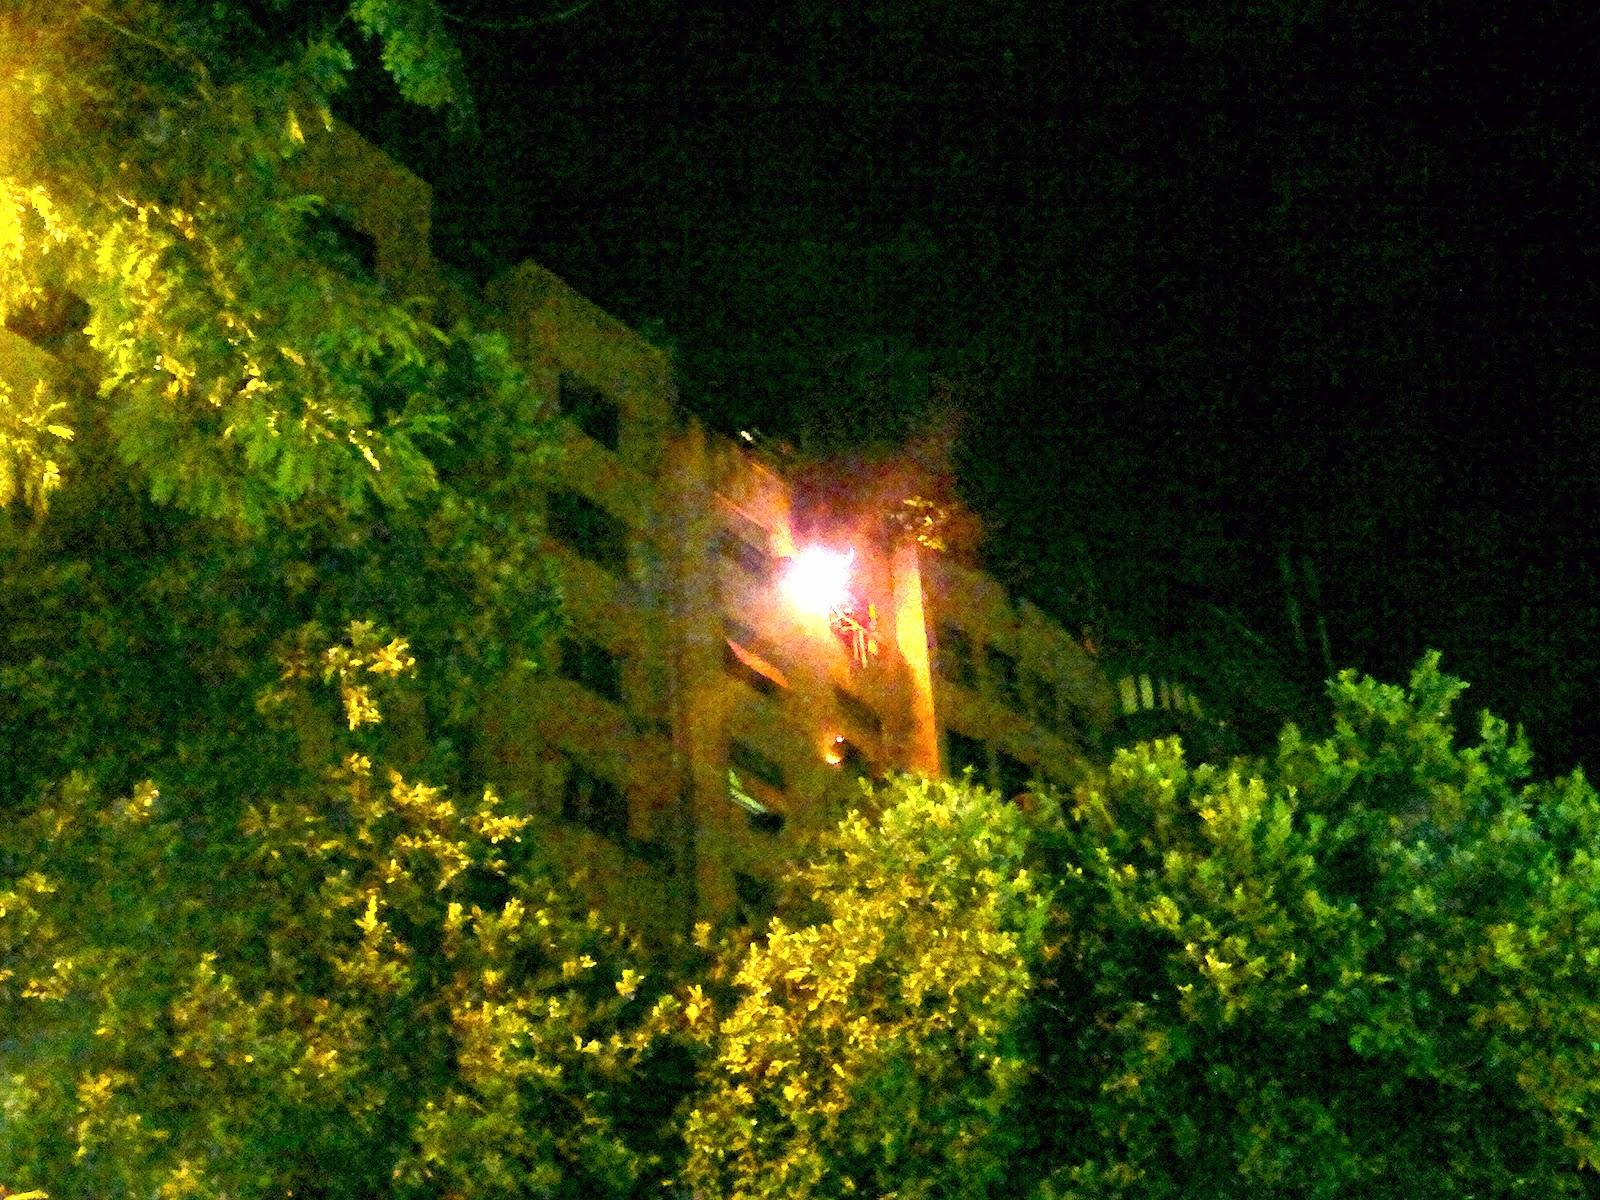 #C1900A  Eletricista: Um ar condicionado causou incêndio em 4 apartamentos 4212 Instalar Ar Condicionado Janela Apartamento